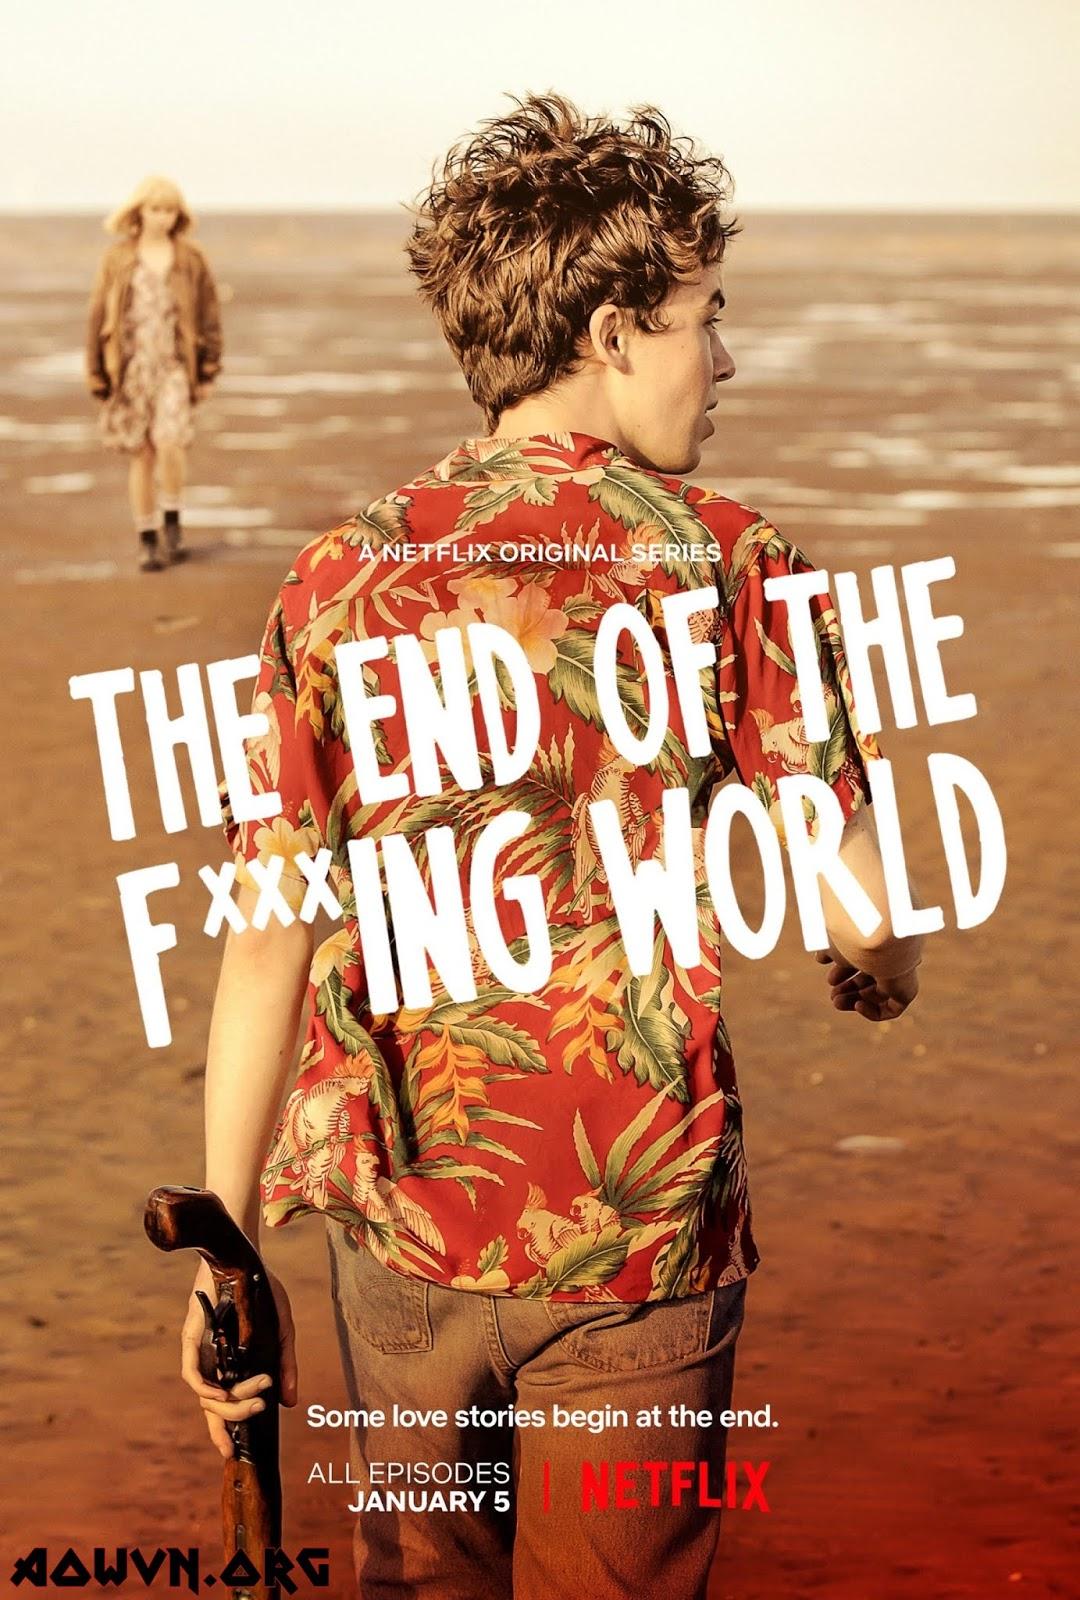 22c3698c73546ed9a9e131ca21c05798 - [ Phim 3gp Mp4 ] The End Of The F***ing World | Vietsub - Tâm lí - Tình Cảm - Tuyệt phẩm Netflix